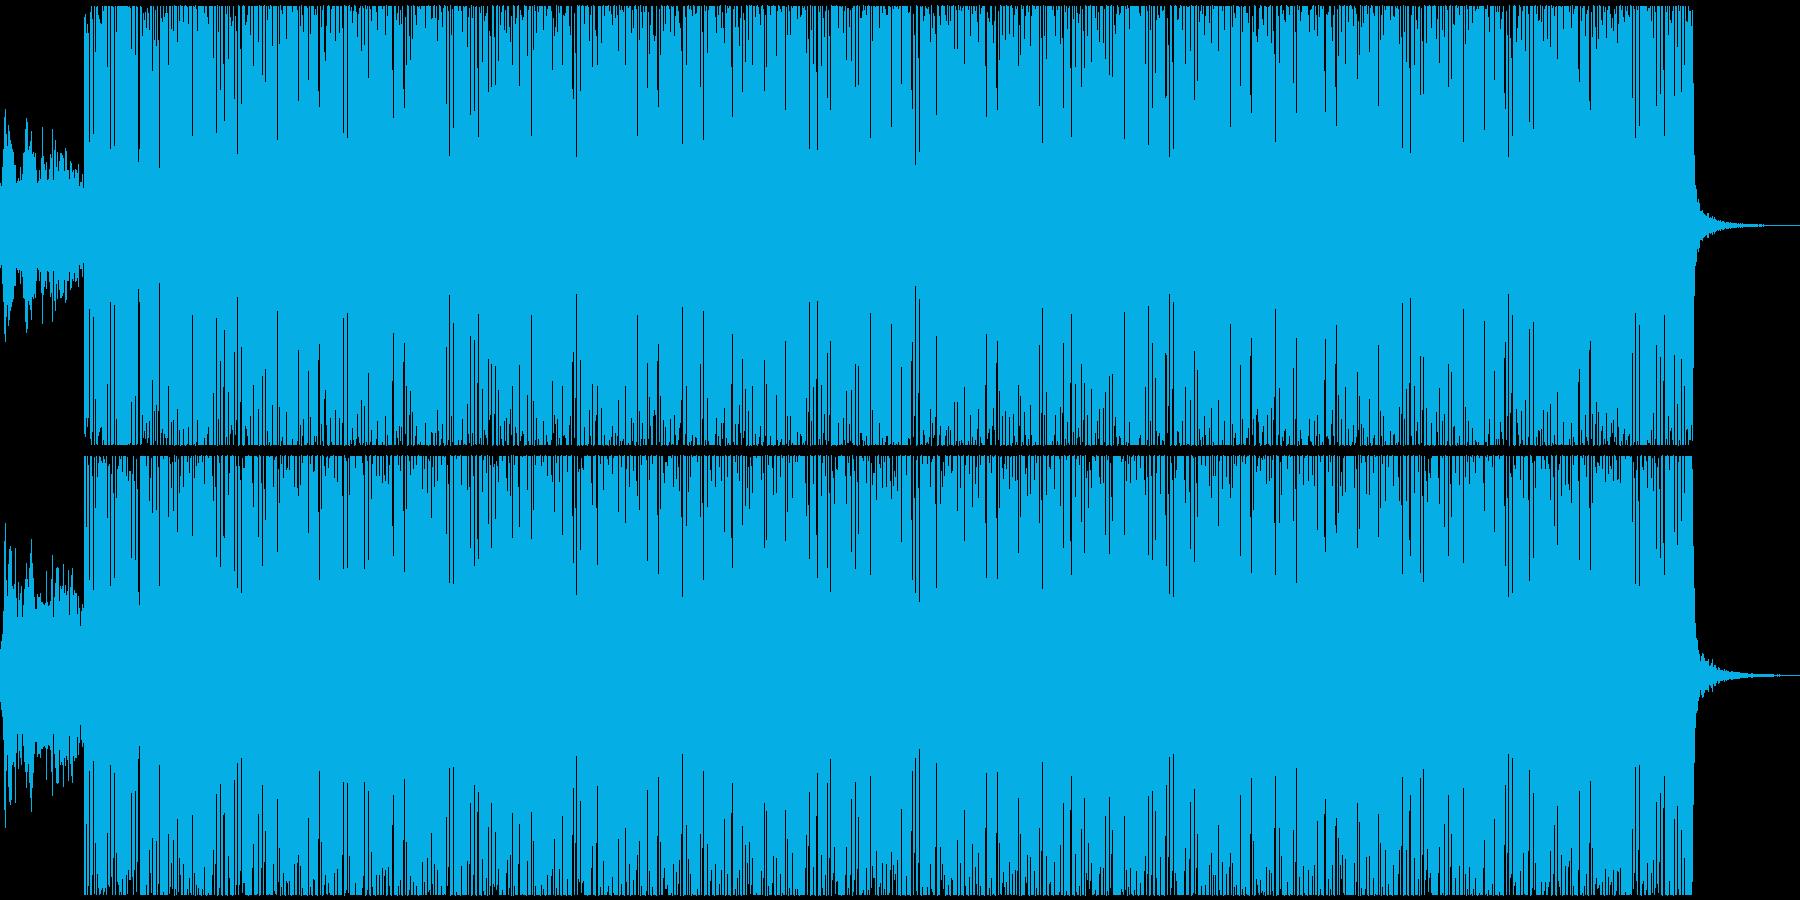 ベースの効いた低音のテクノサウンドの再生済みの波形